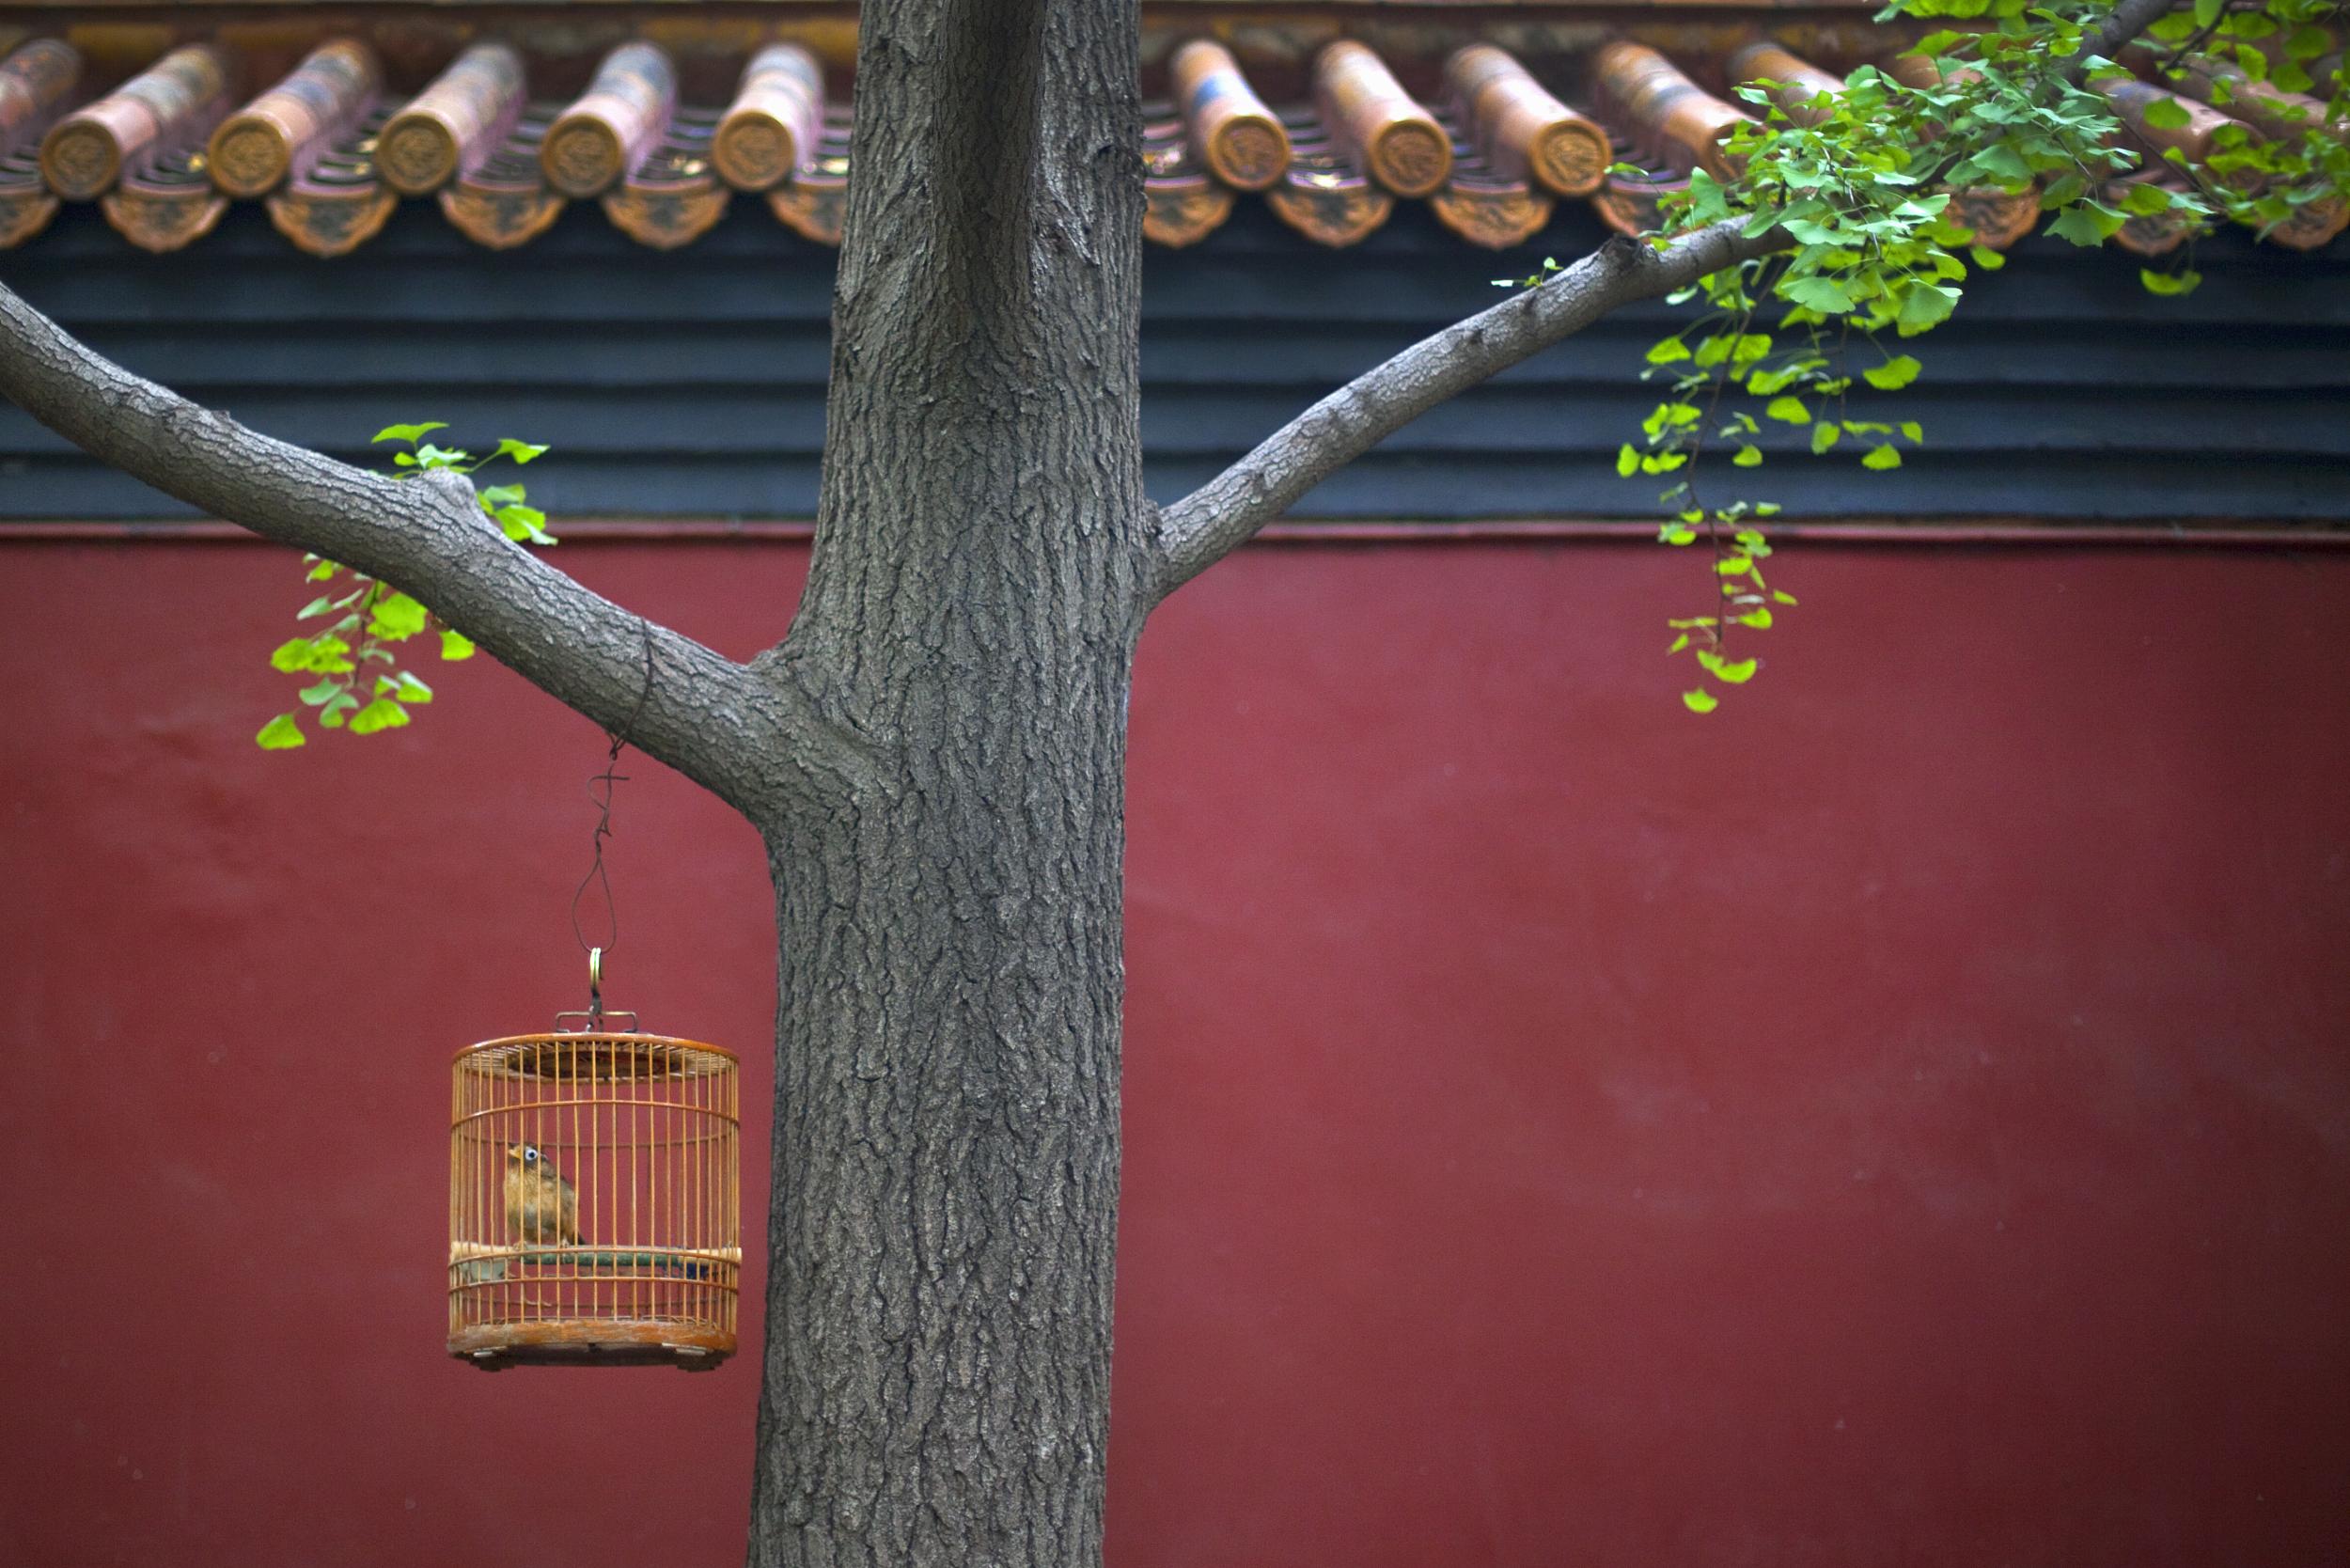 北京巴士5日当地游住品牌快捷连锁酒店,品特色烤鸭餐、尝地道京味菜,经典景点全安排,观庄严升旗仪式,赠天安门集体合照